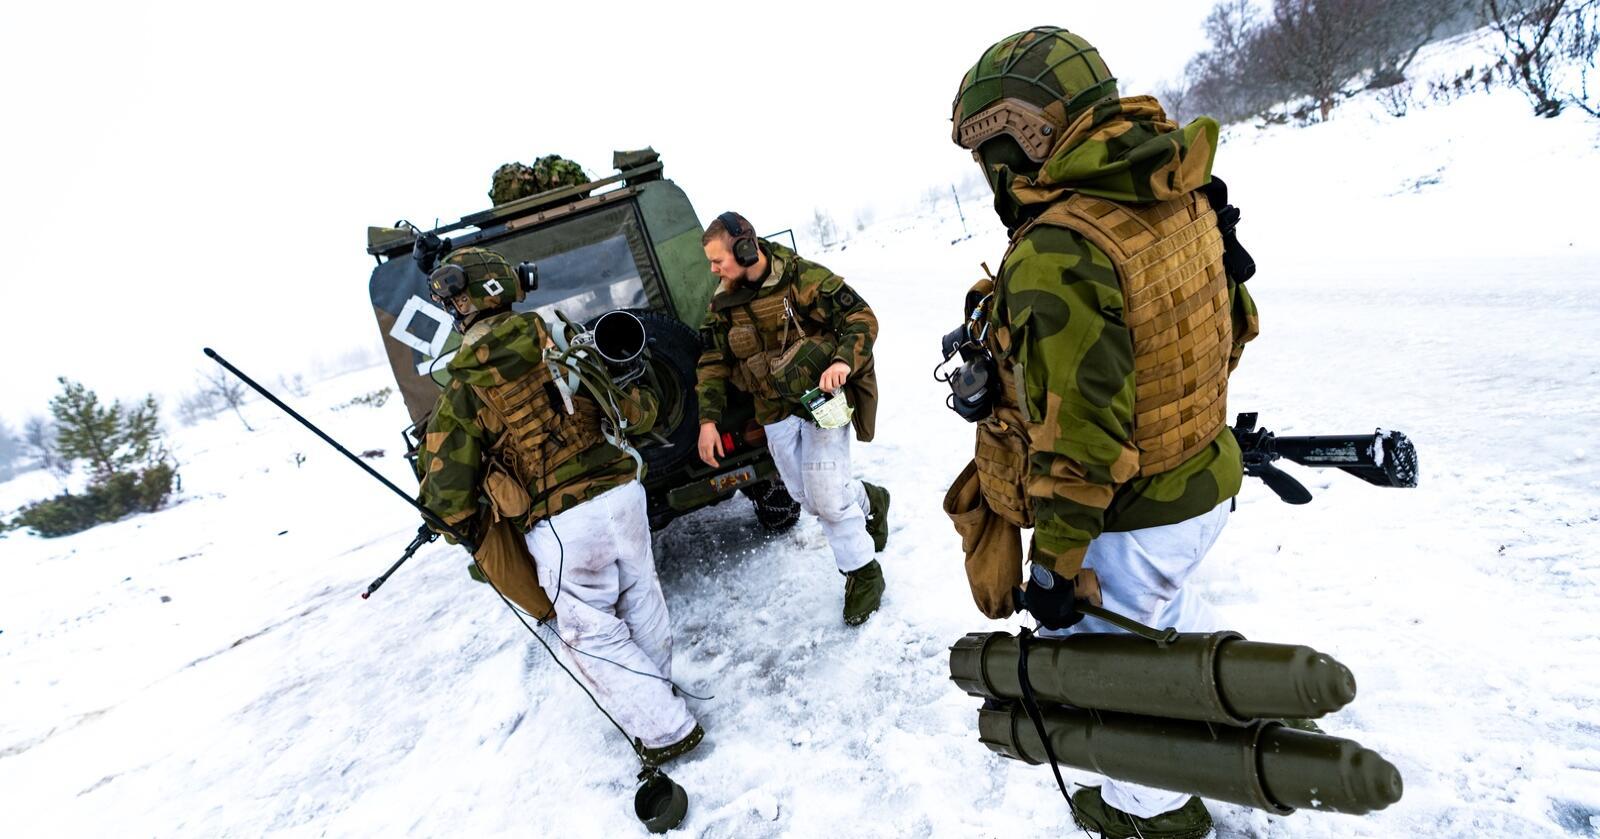 Et av HVs kanonlagunder en tidligere Nato-øvelse. Illustrasjonsfoto: Samuel Andersen/ Forsvaret